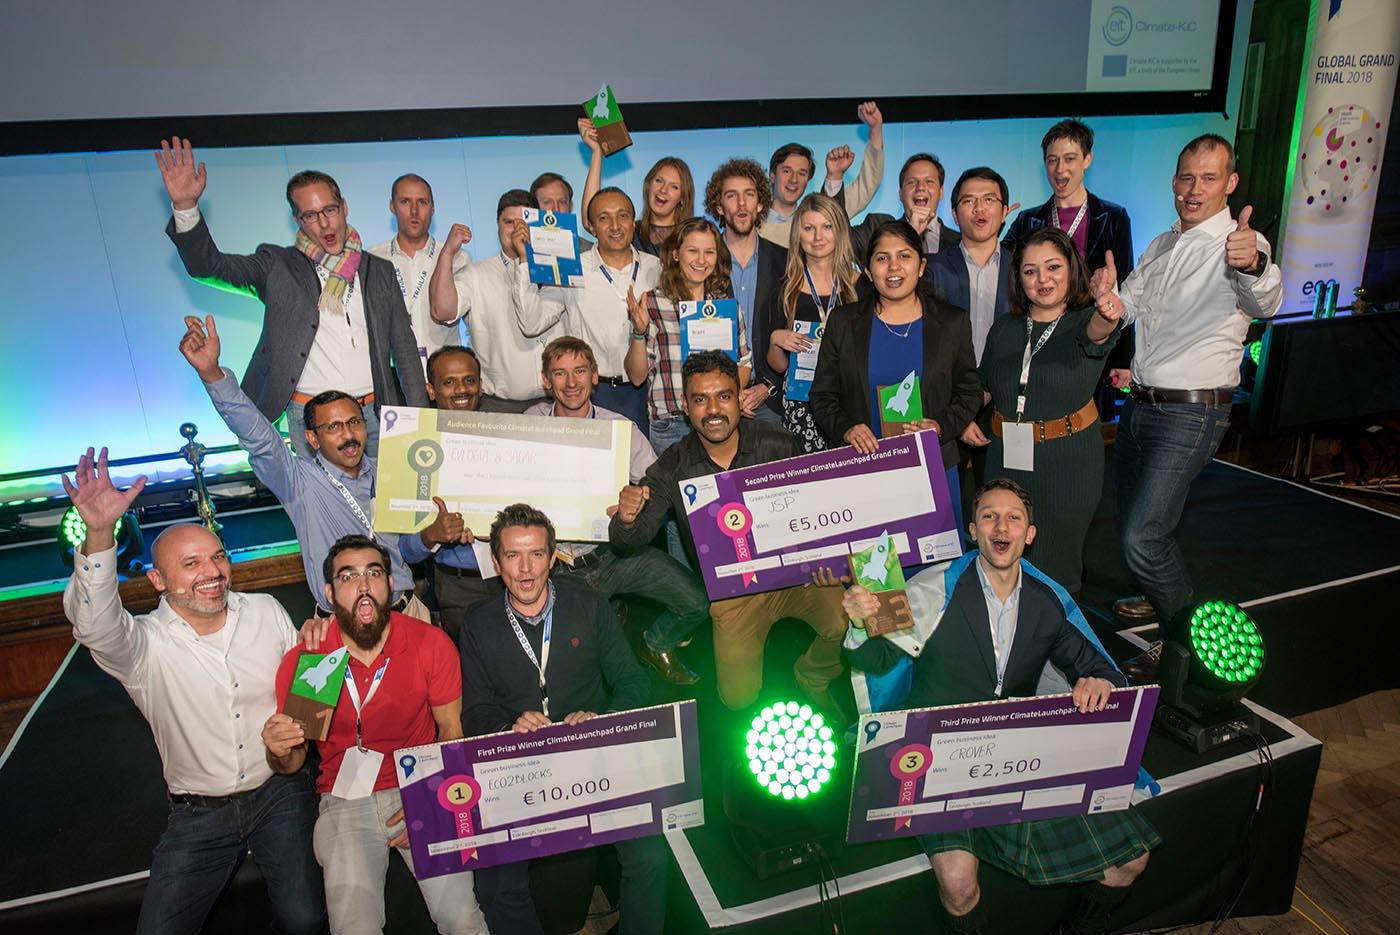 🌍 ClimateLaunchpad — найбільший у світі «зелений» конкурс: як потрапити і підготуватися до виступу